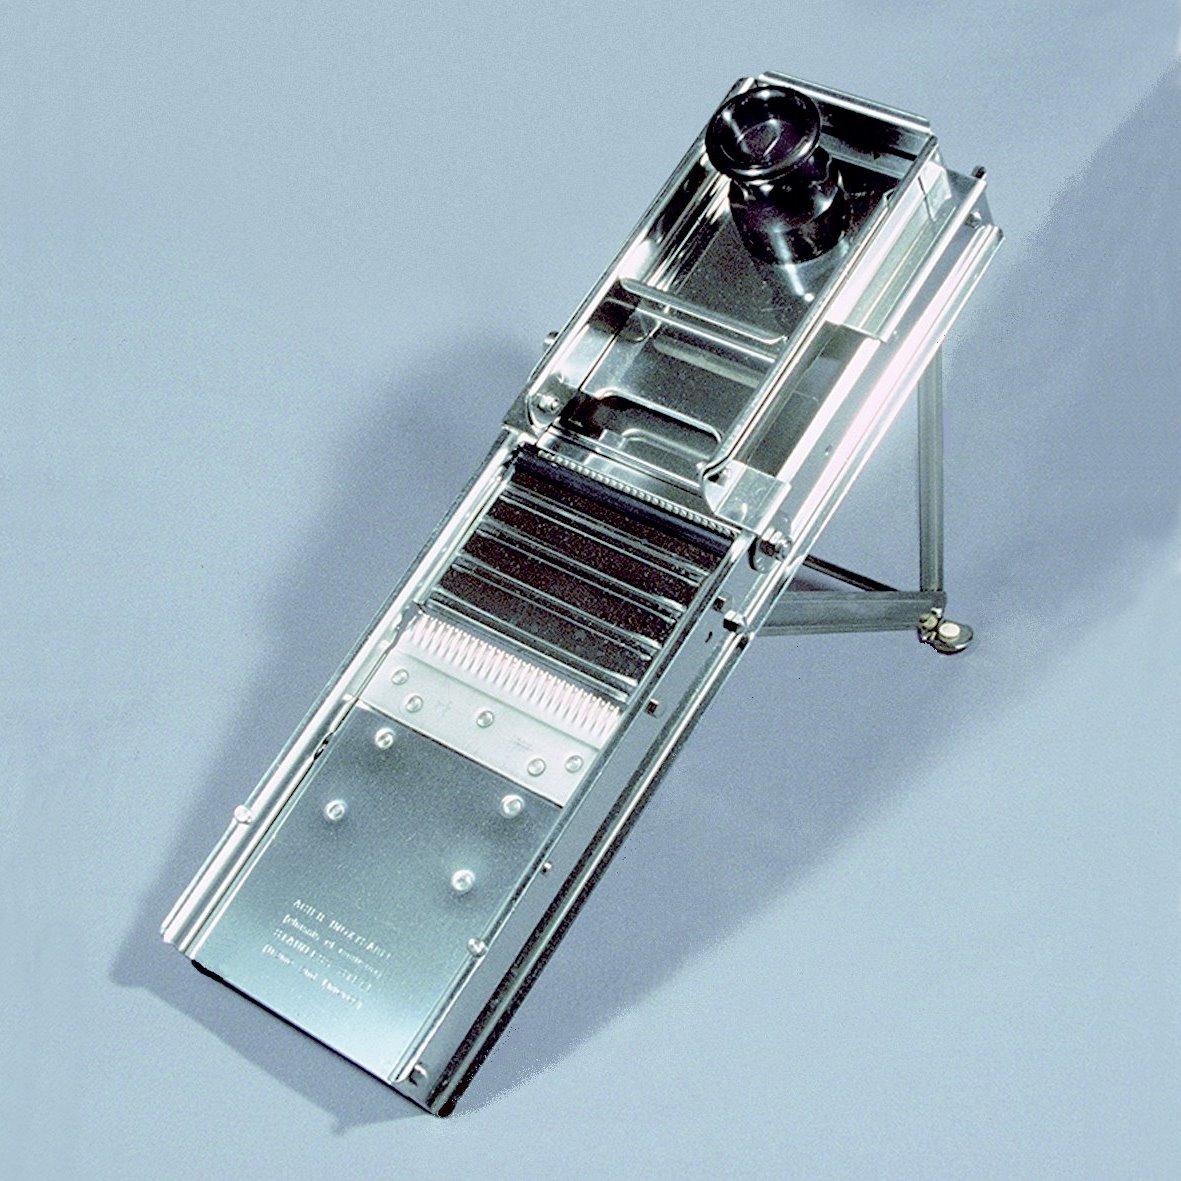 Küchenhobel Mandoline im Ber-Bek Online-Shop kaufen